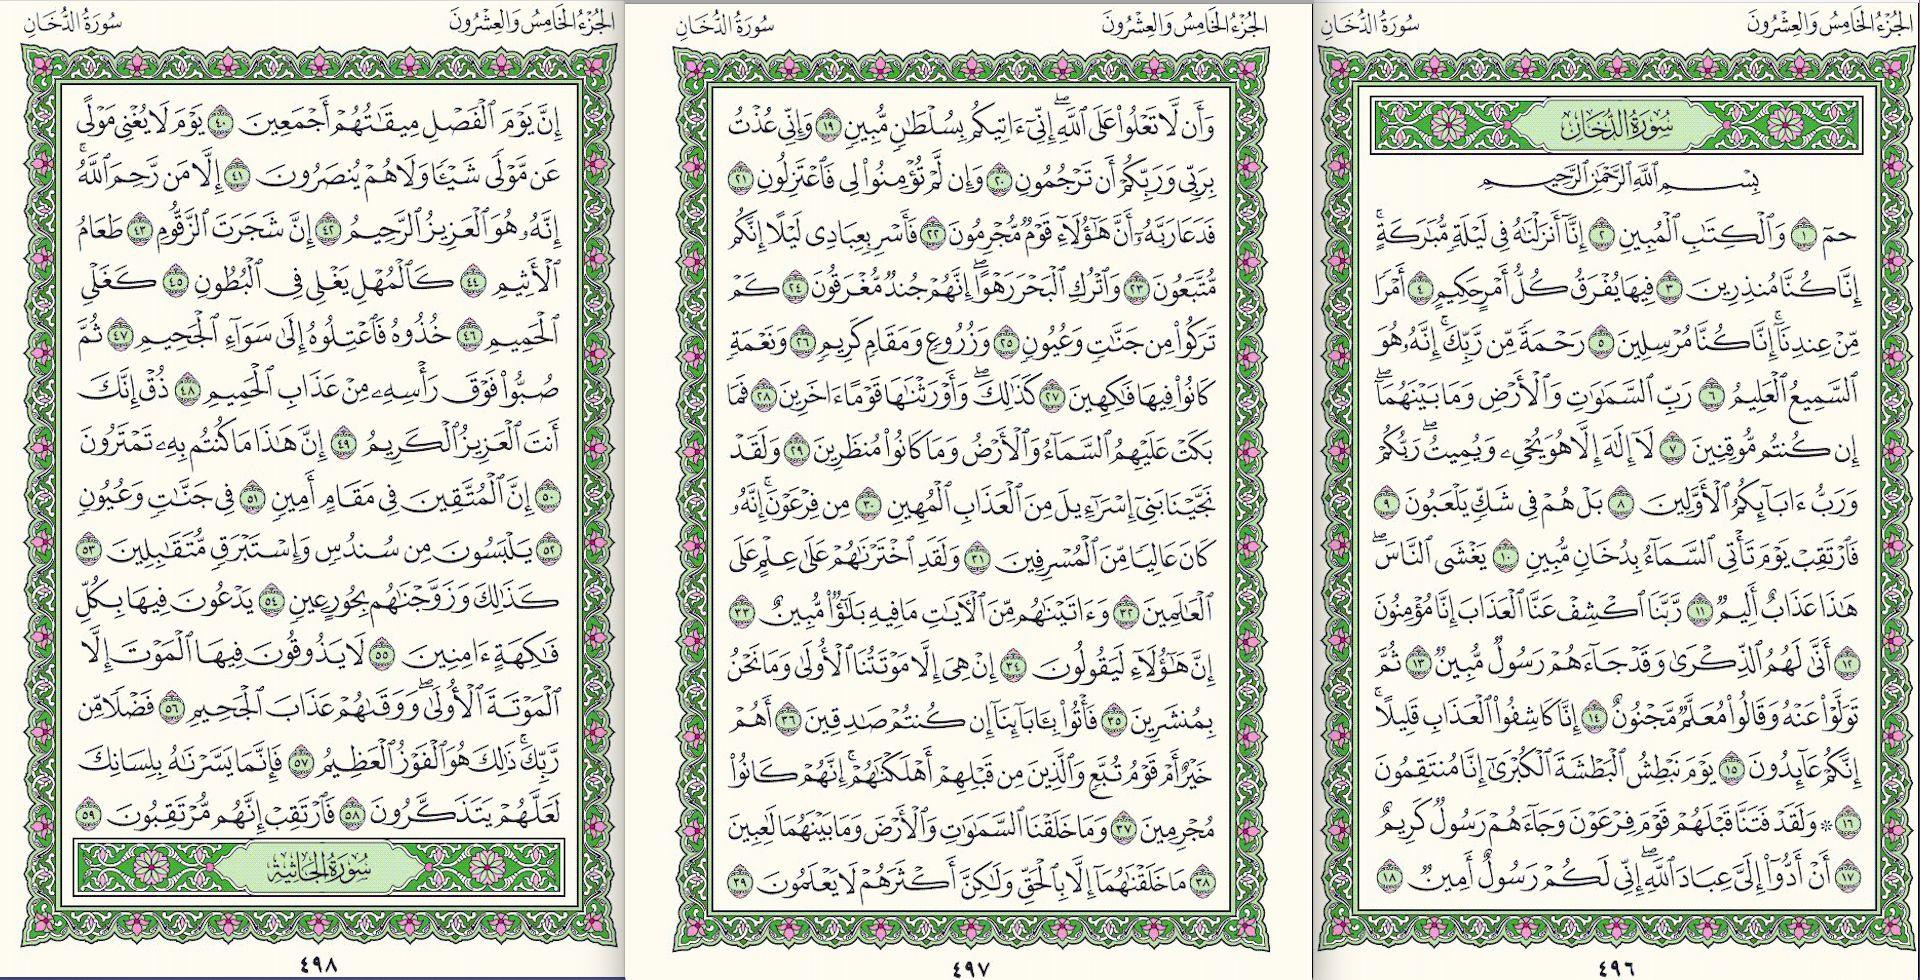 سورة الدخان في صورة واحدة Islam Facts Quran Verses Love U Mom